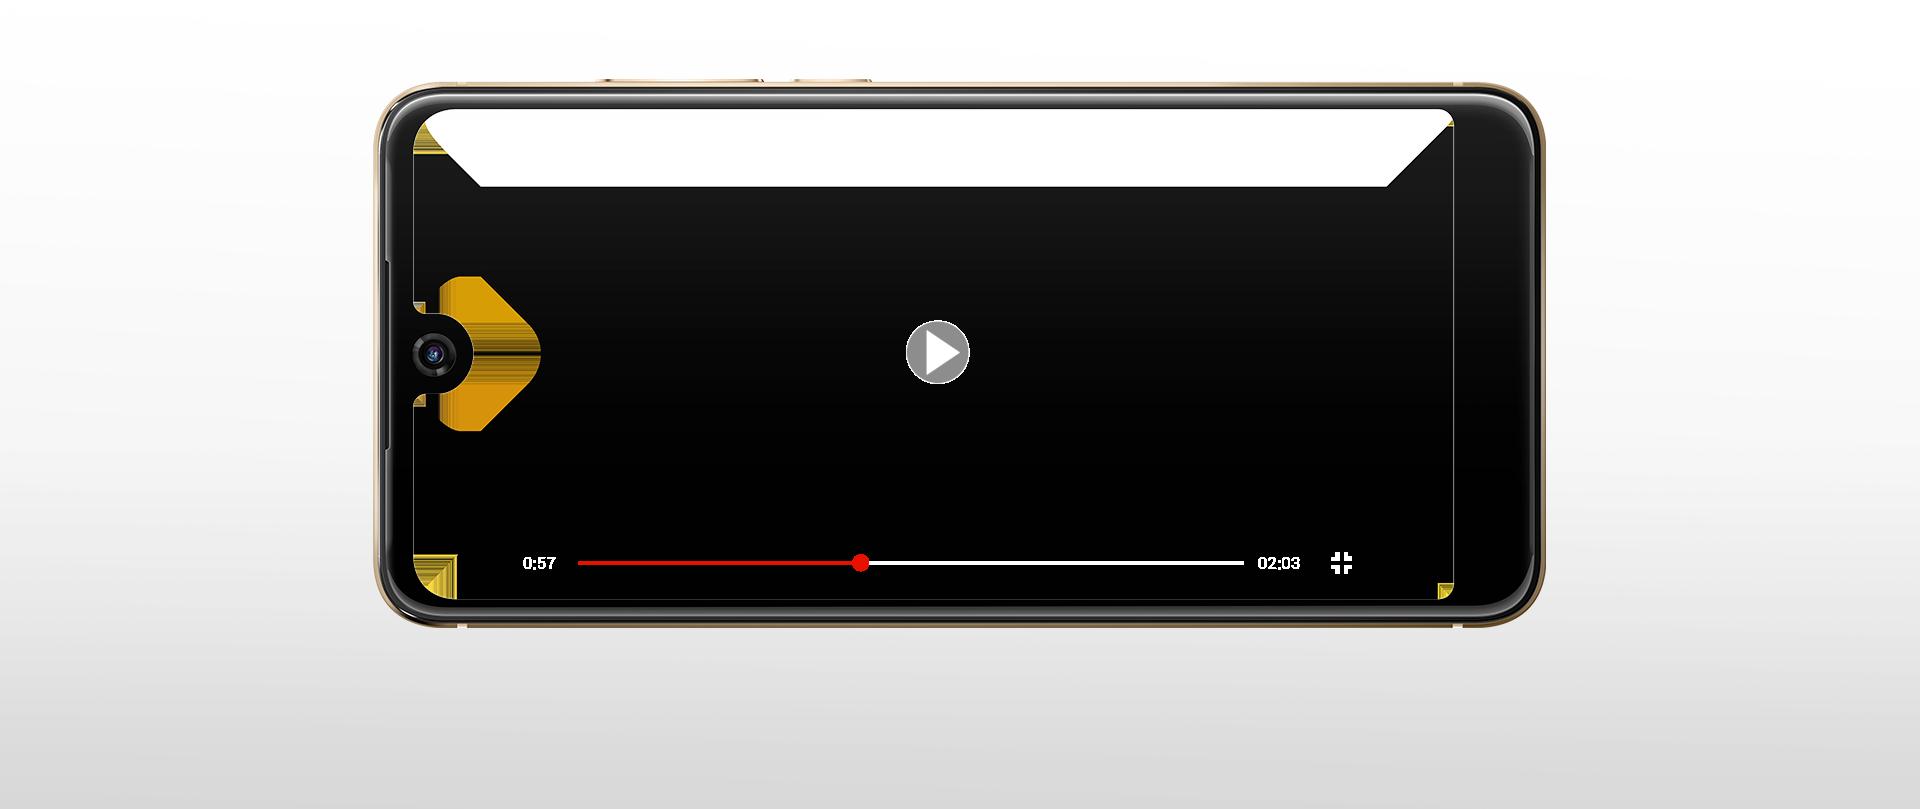 frame che rappresenta il cellulare View 2